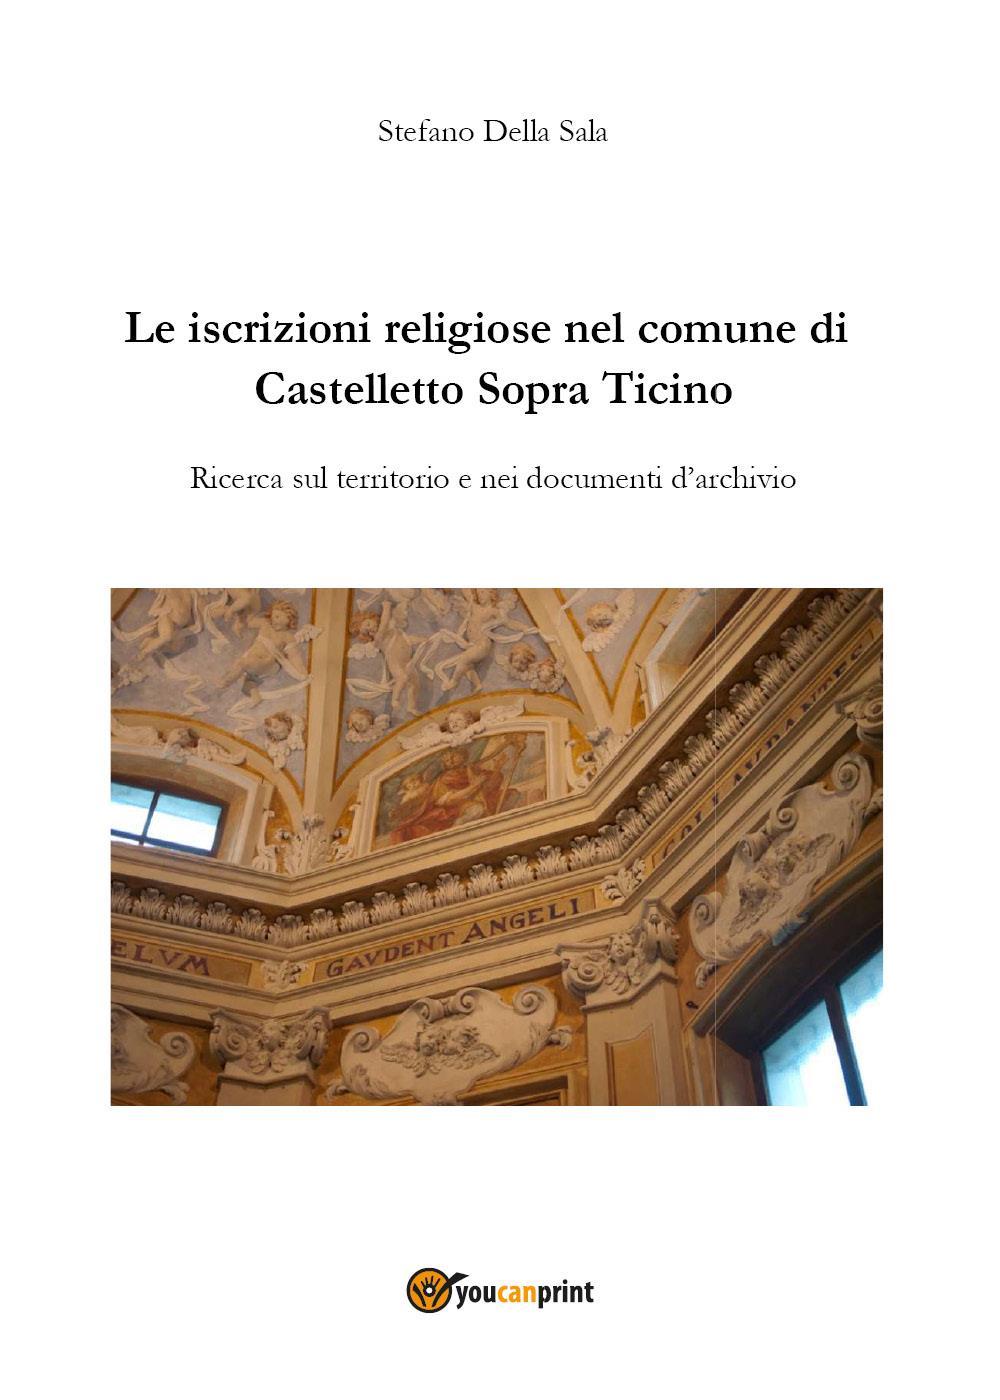 Le iscrizioni religiose nel comune di Castelletto Sopra Ticino